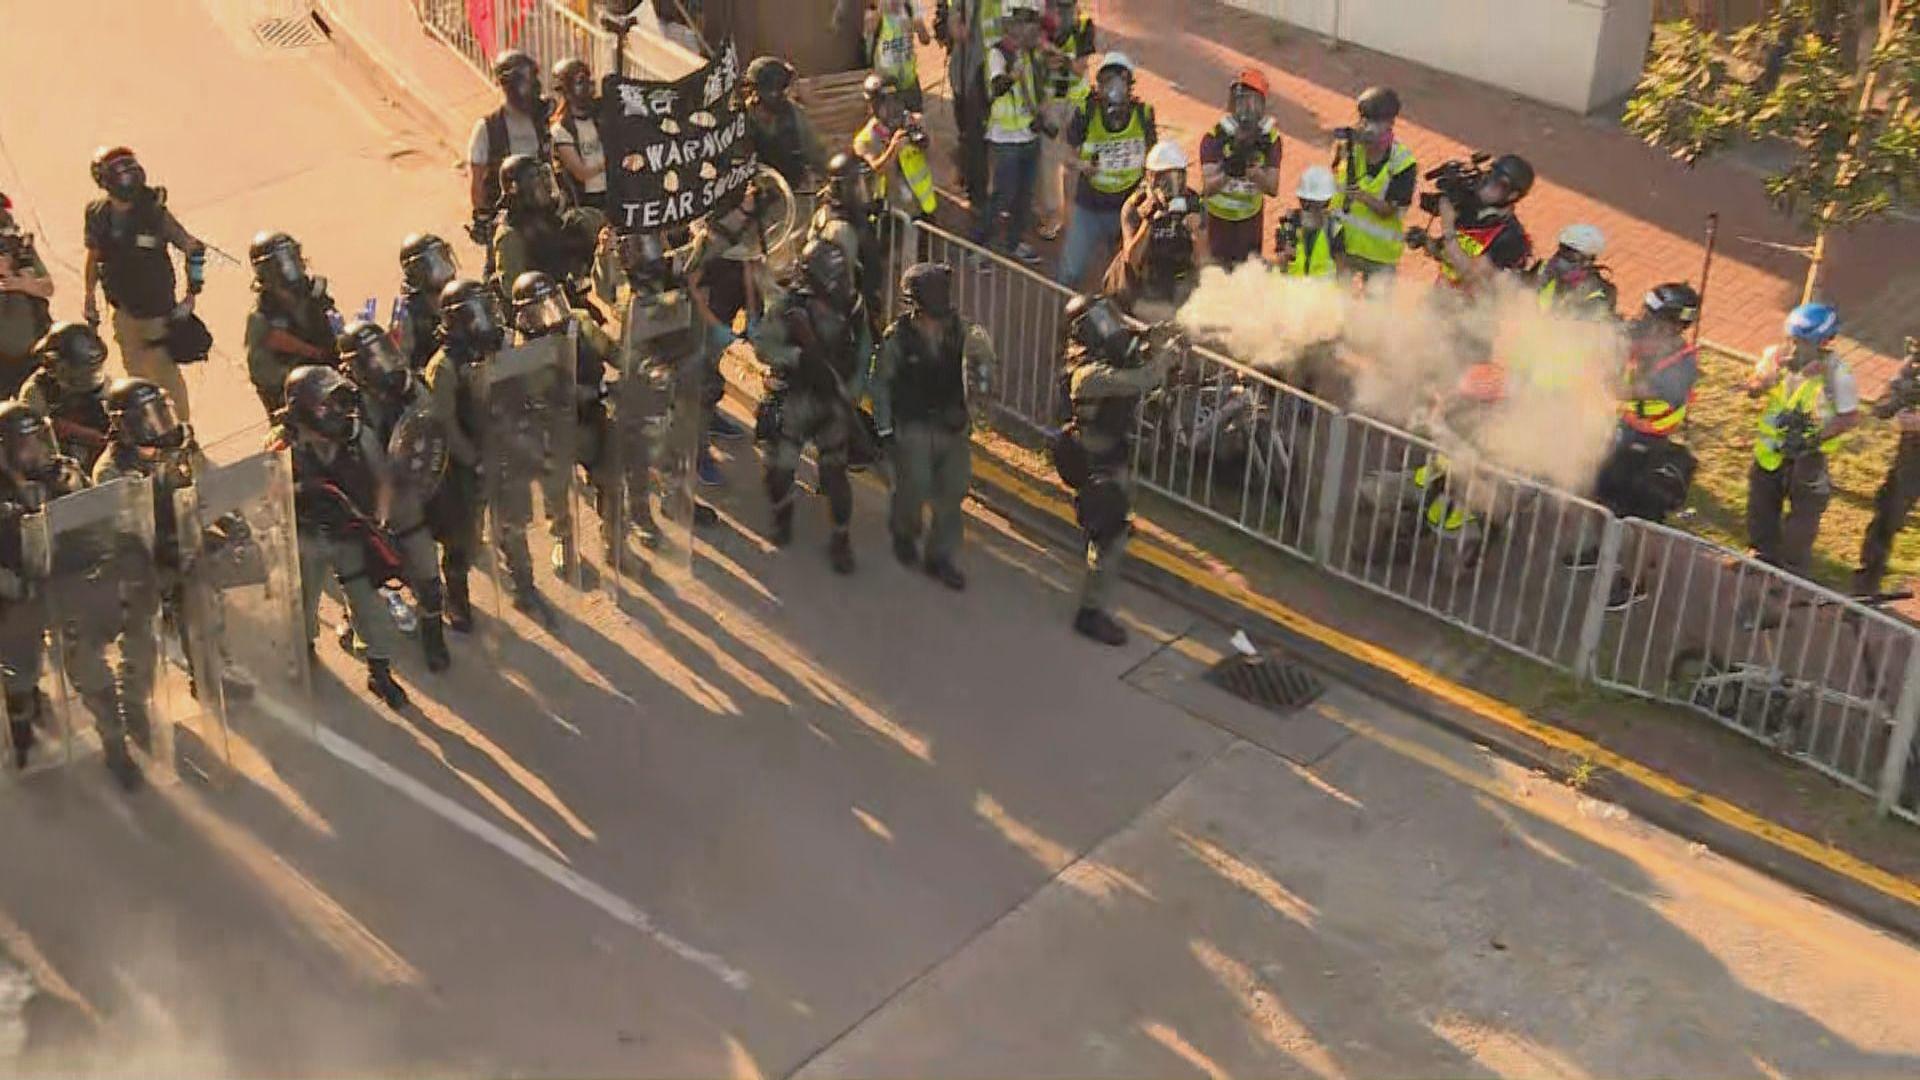 警開橡膠彈海綿彈及以催淚彈驅散屯門示威者